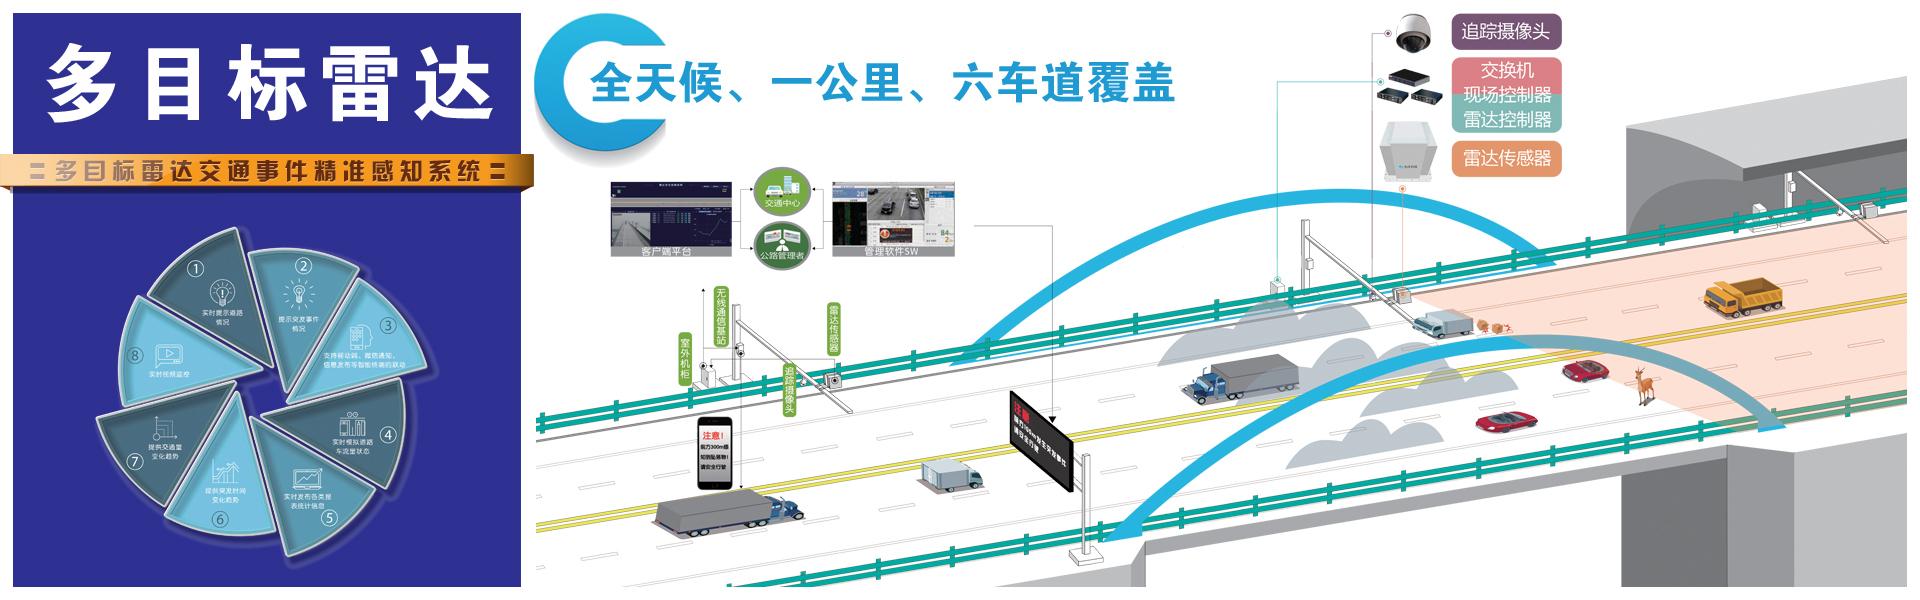 多目标雷达、交通事件雷达精准感知系统、雷达事件检测器